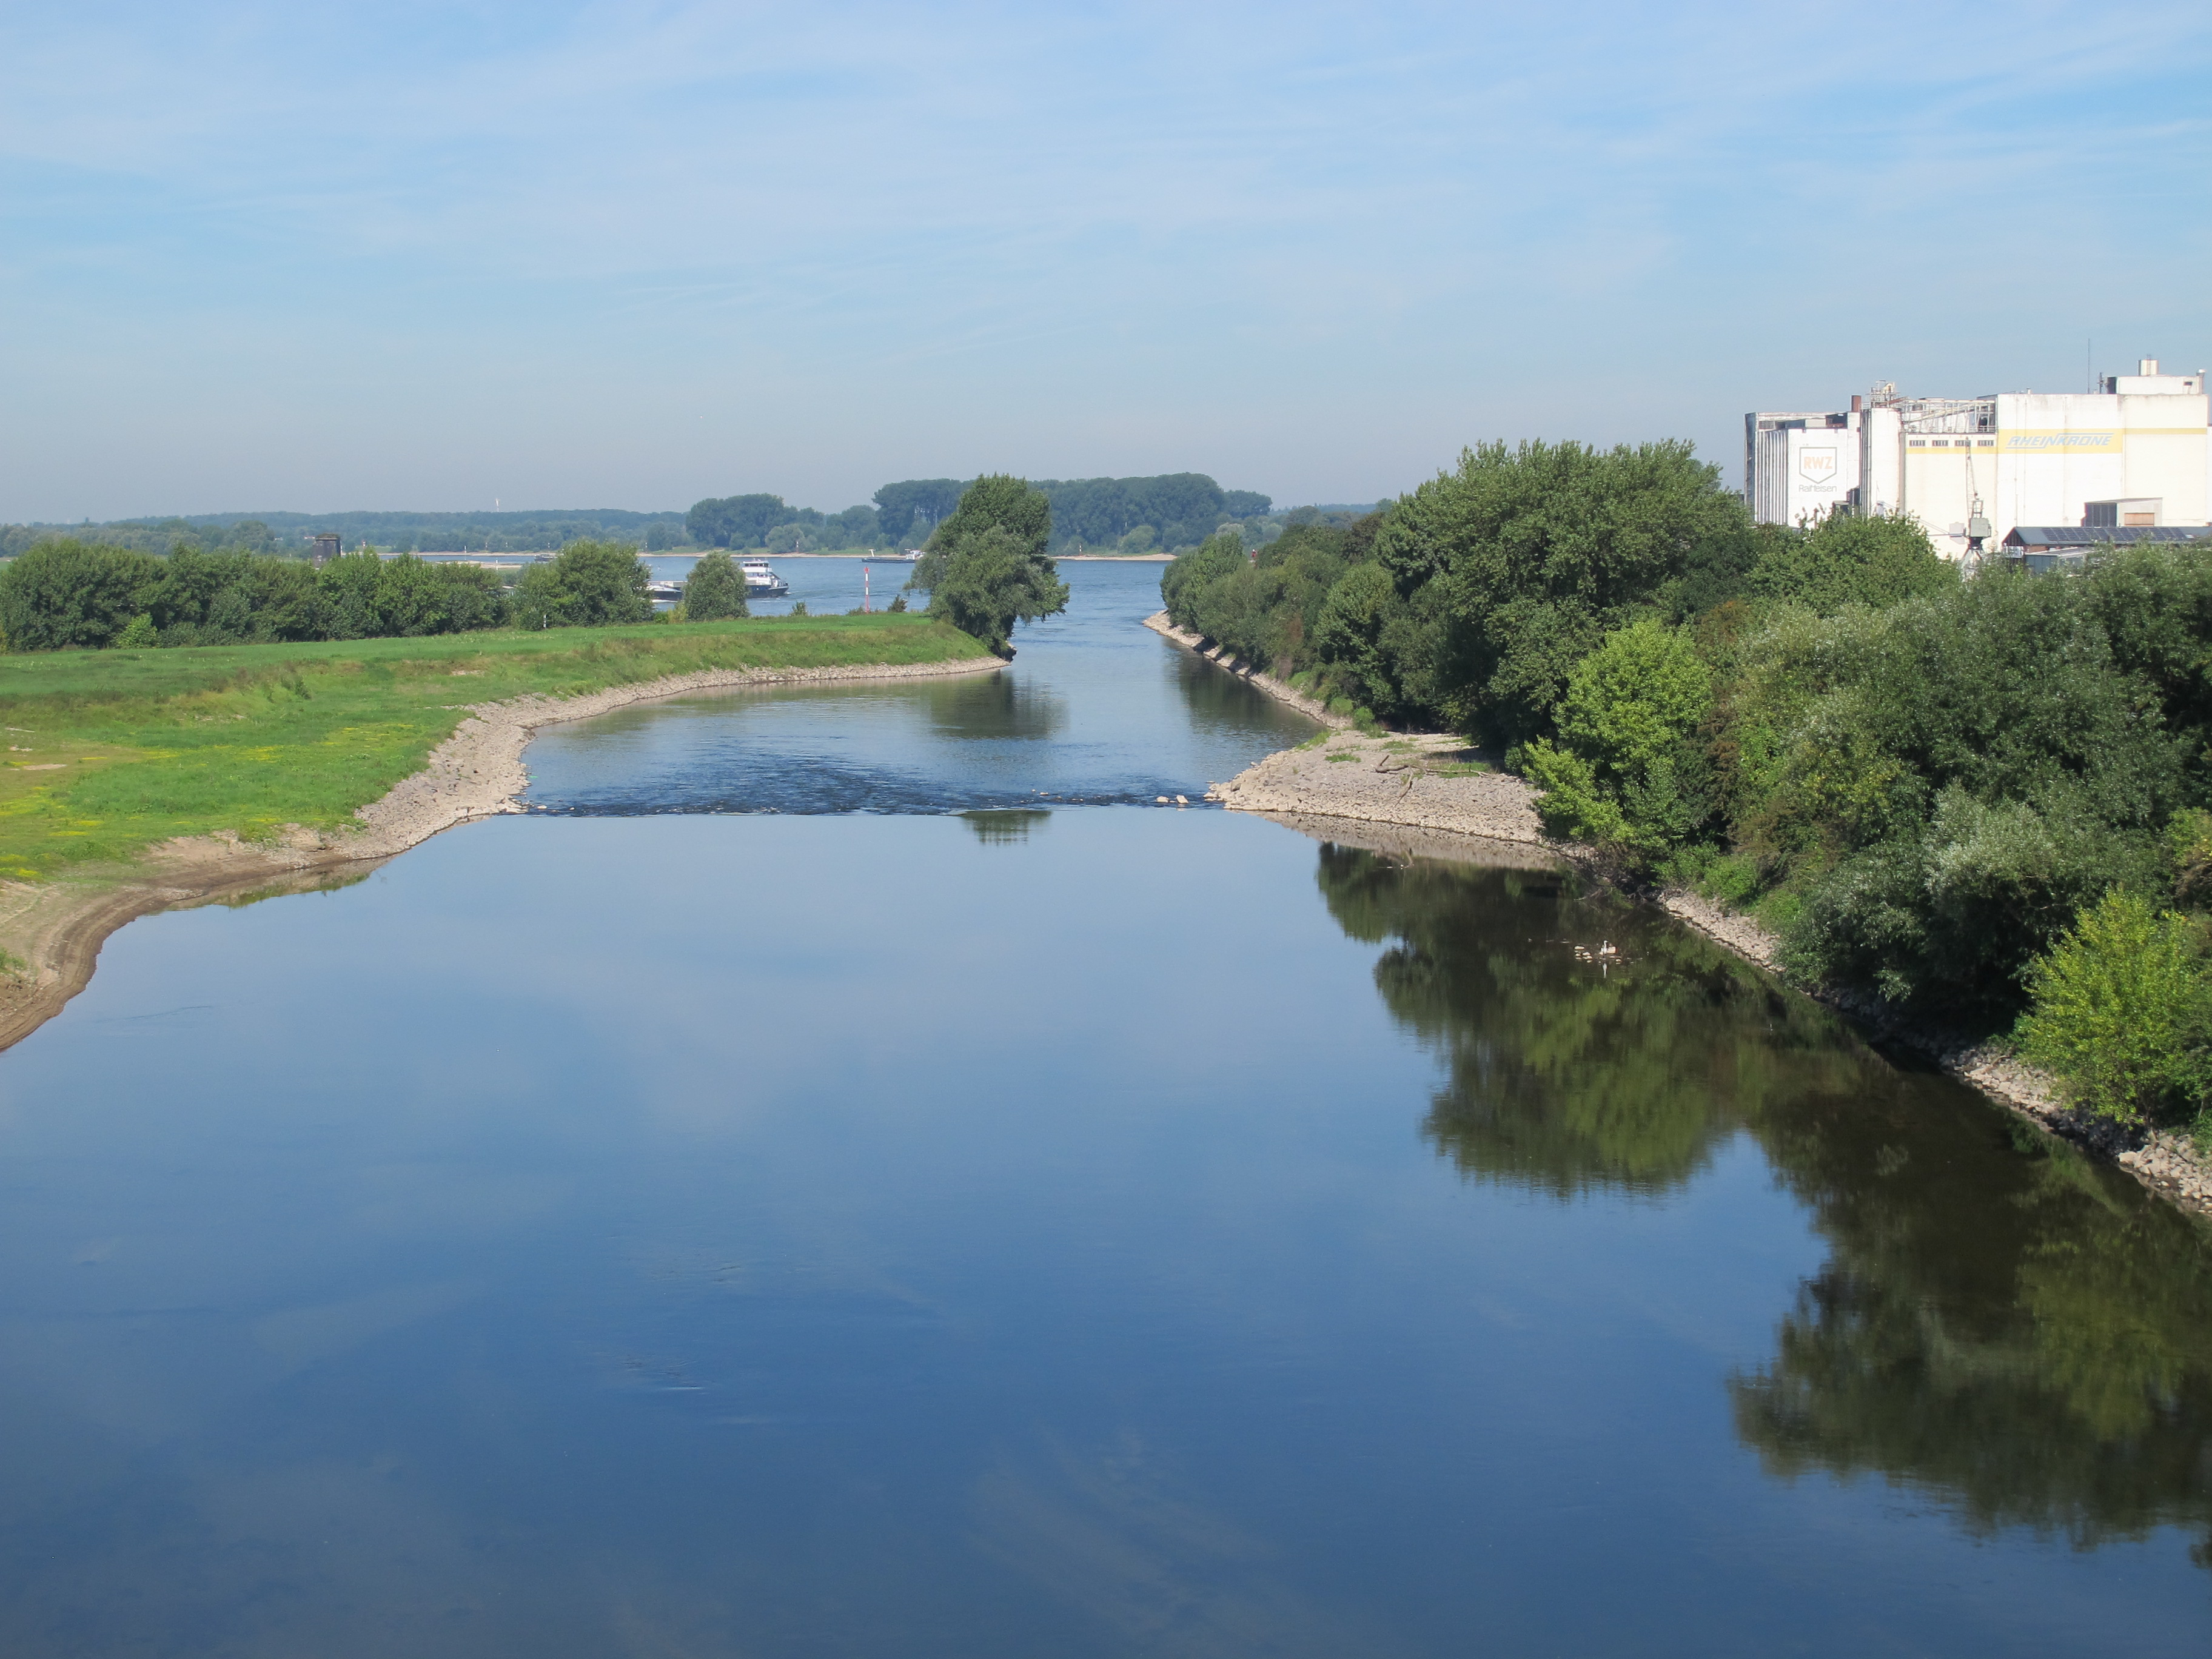 Hier endet die Lippe - hinter der Sohlgleite mündet der Fluss in den Rhein